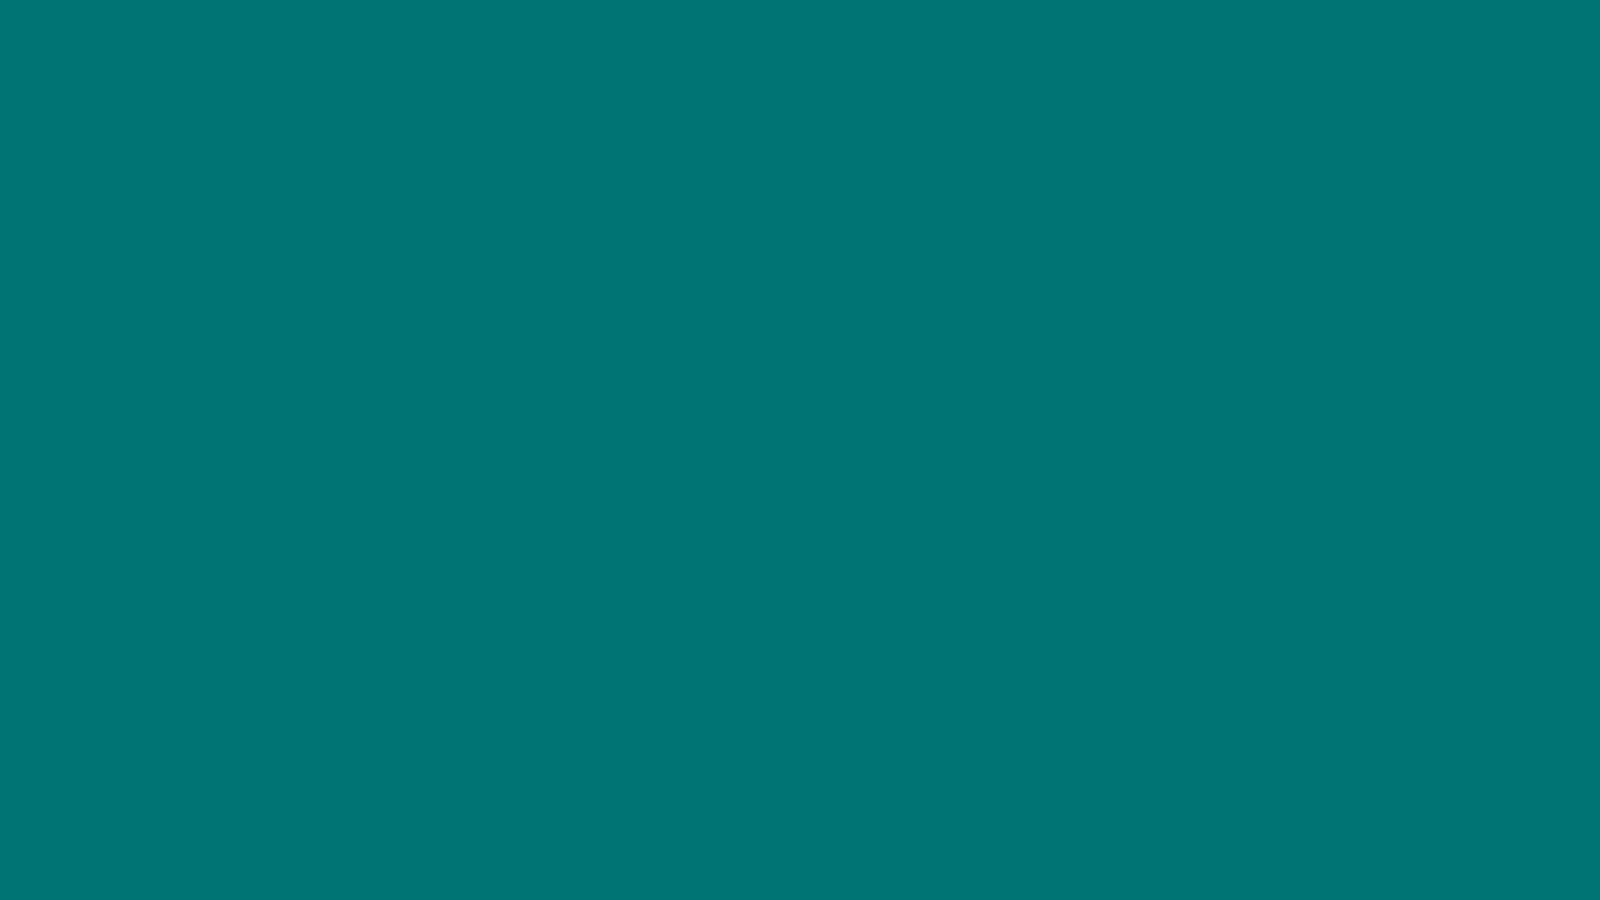 1600x900 Skobeloff Solid Color Background